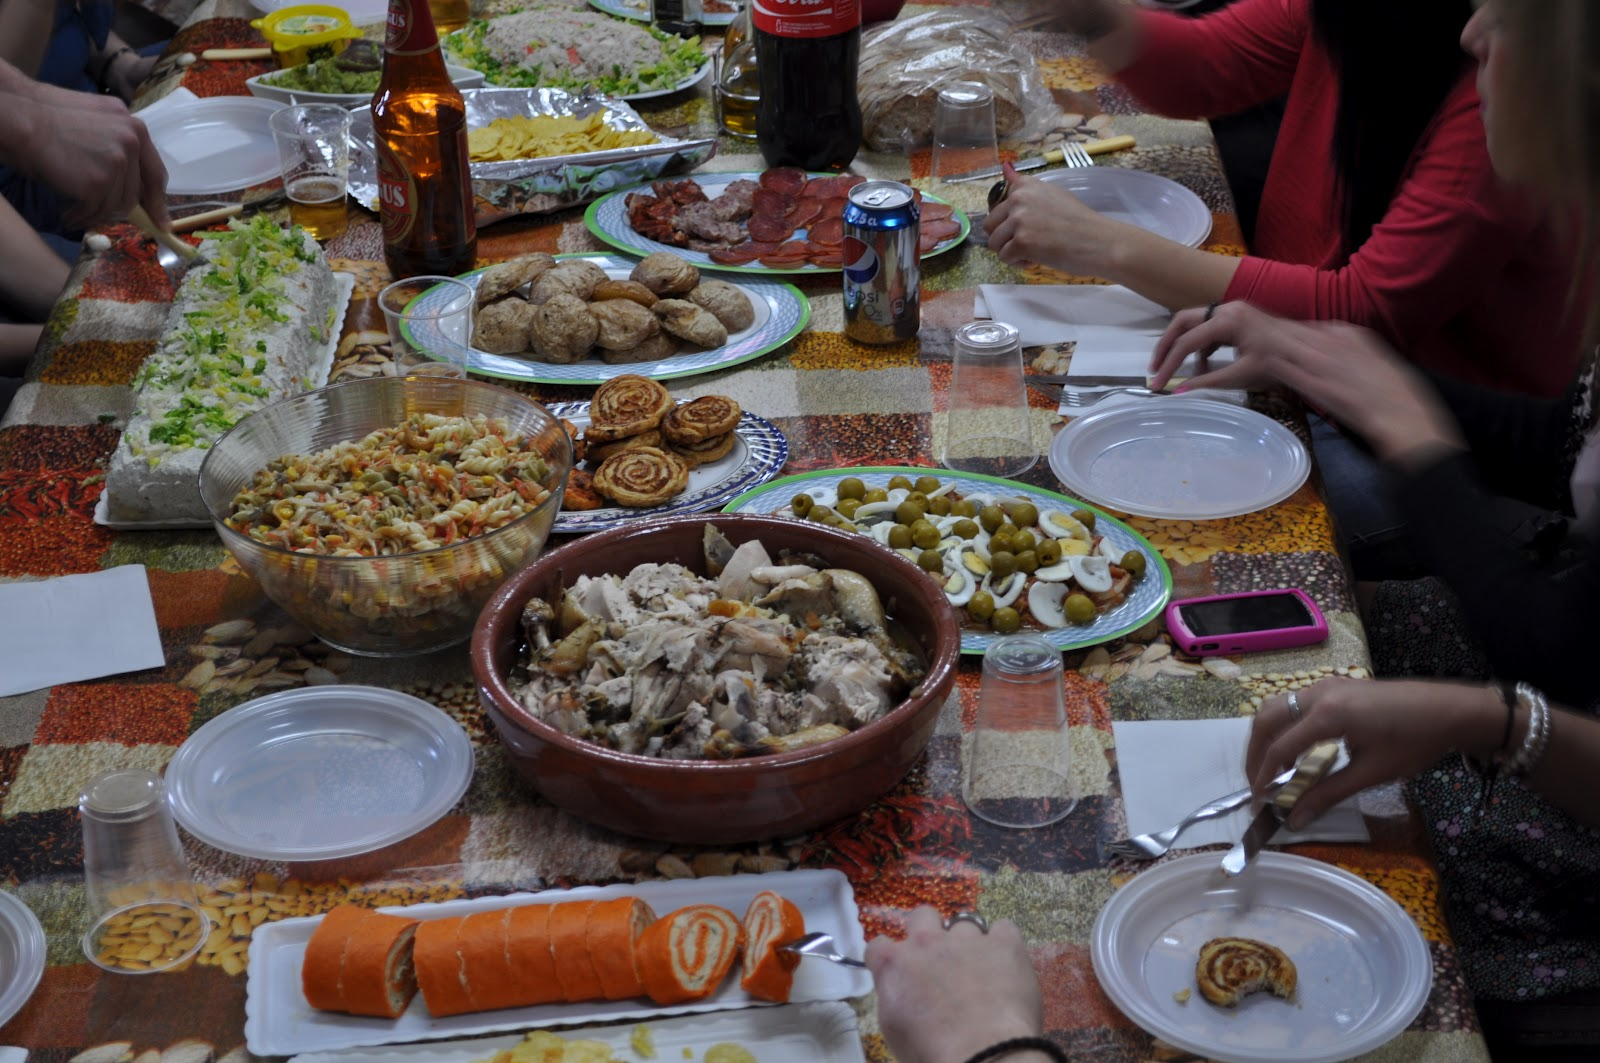 Las recetas de mi comida de cumplea os - Preparar fiesta cumpleanos ...